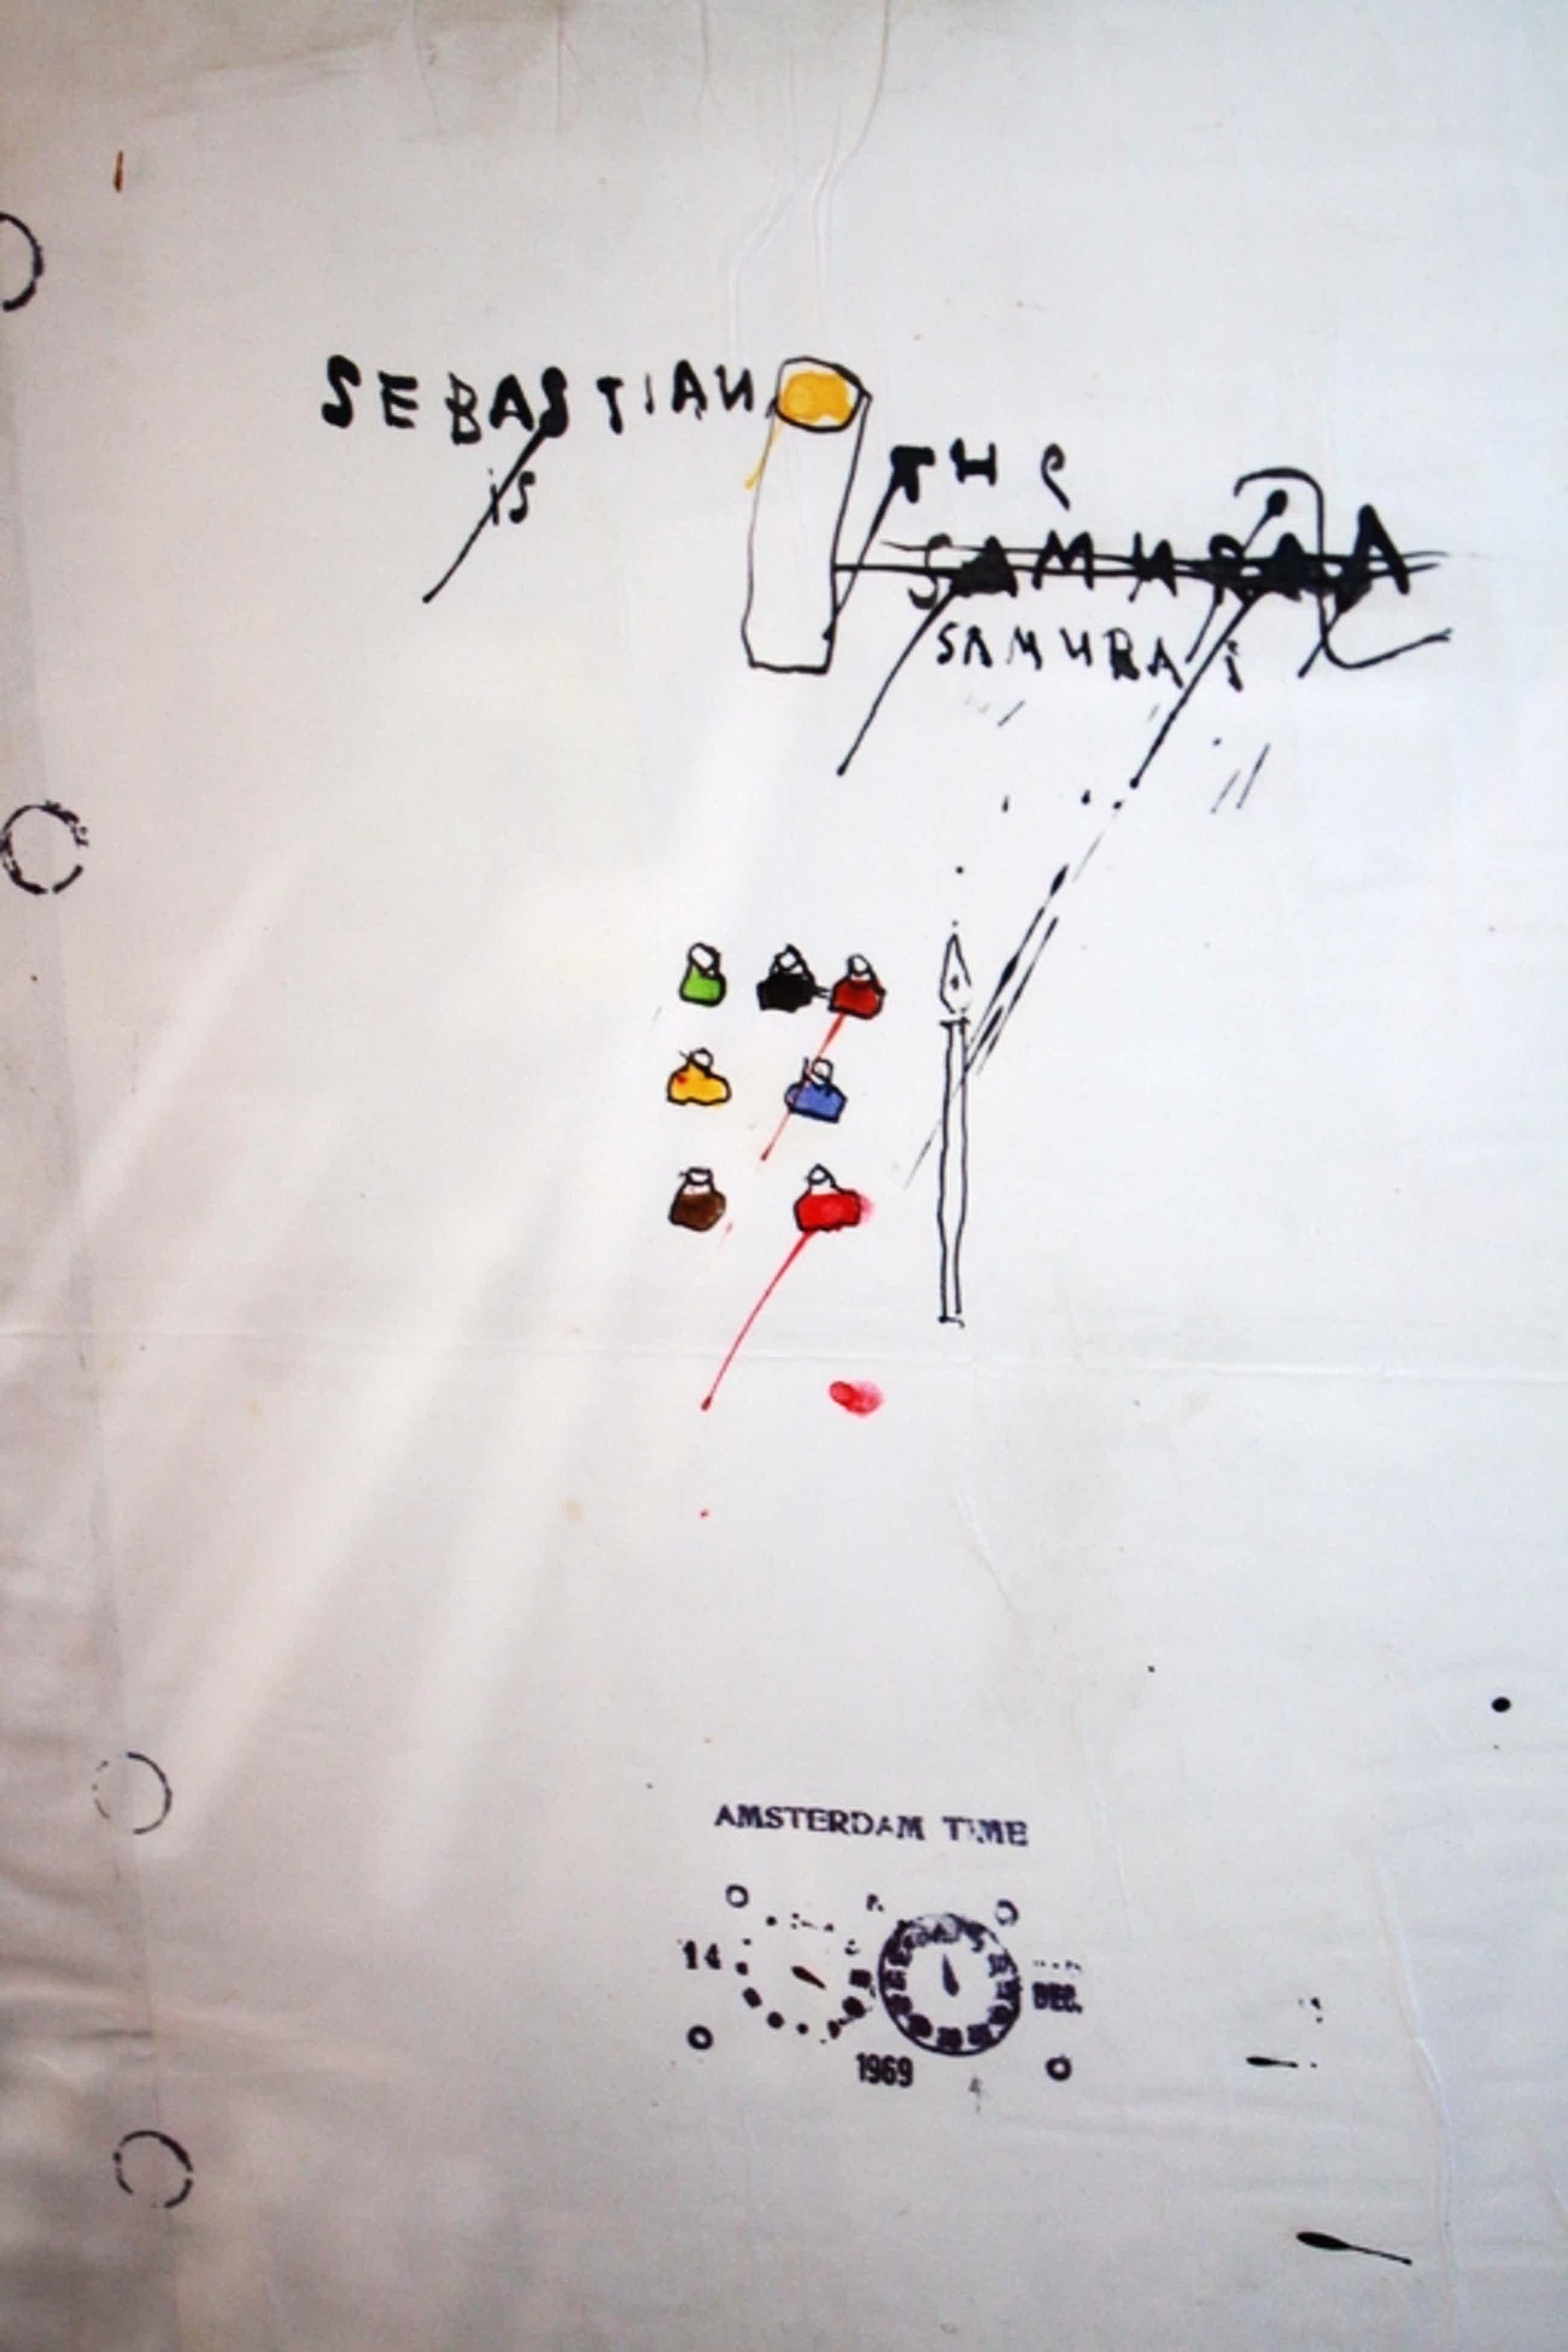 VICTOR IV - LOGBOEK BLAD 1969 1e BOEK - AMSTERDAM TIME kopen? Bied vanaf 200!